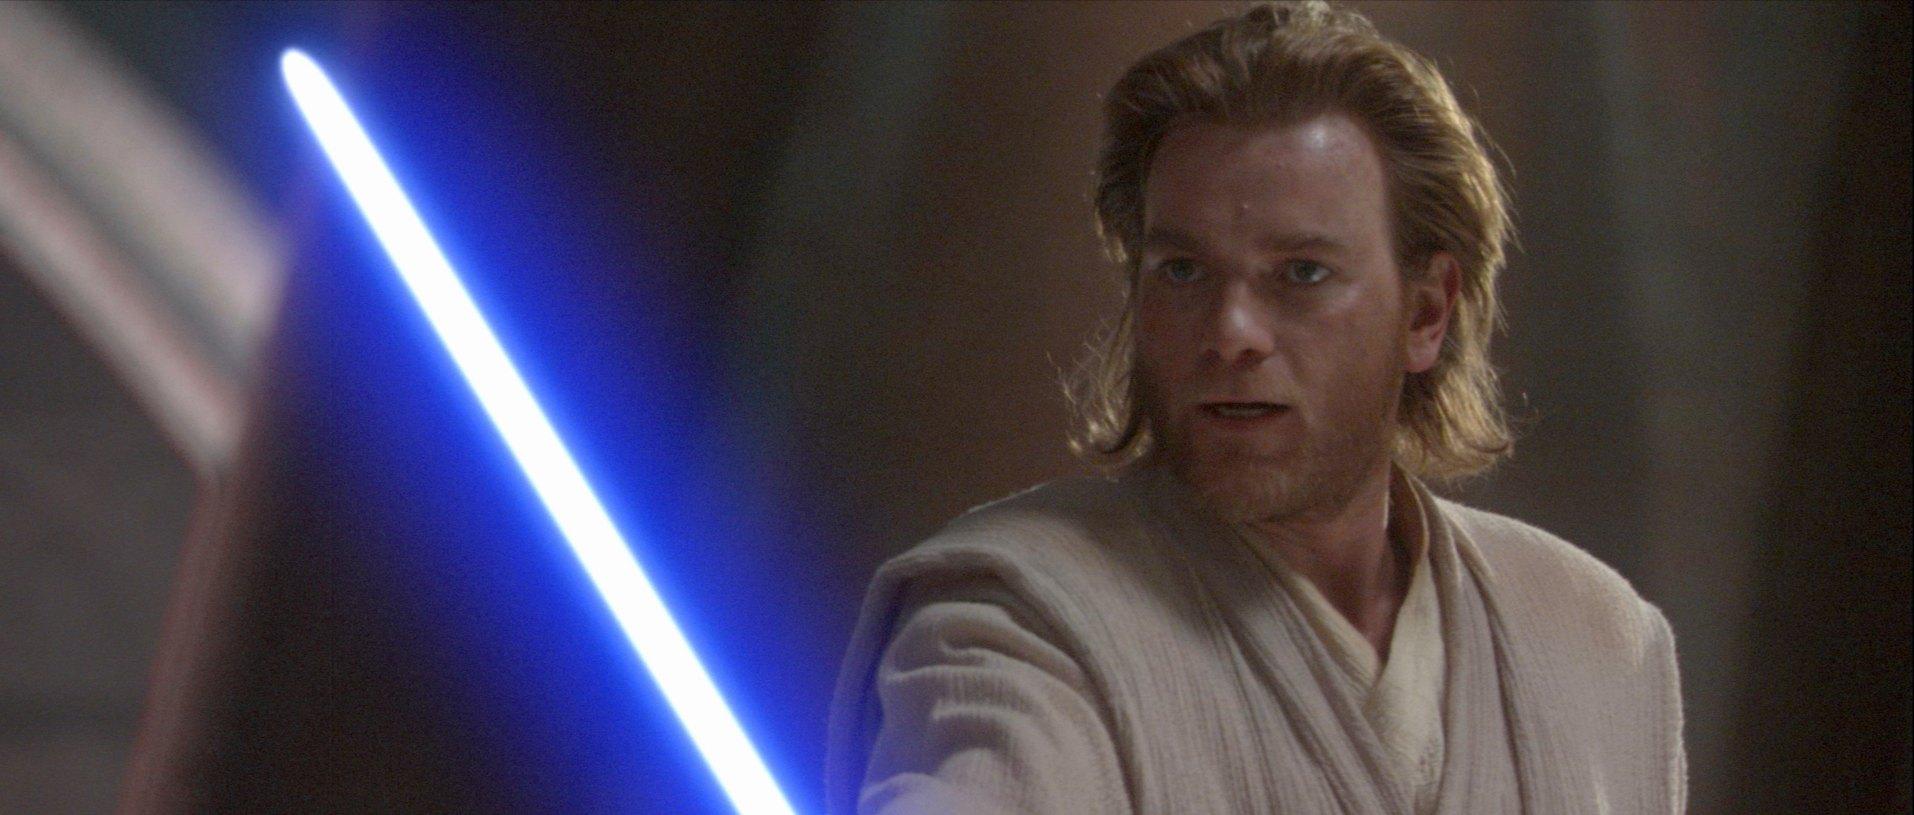 Obi Wan Kenobi Obi Wan Kenobi 29217943 1914 815